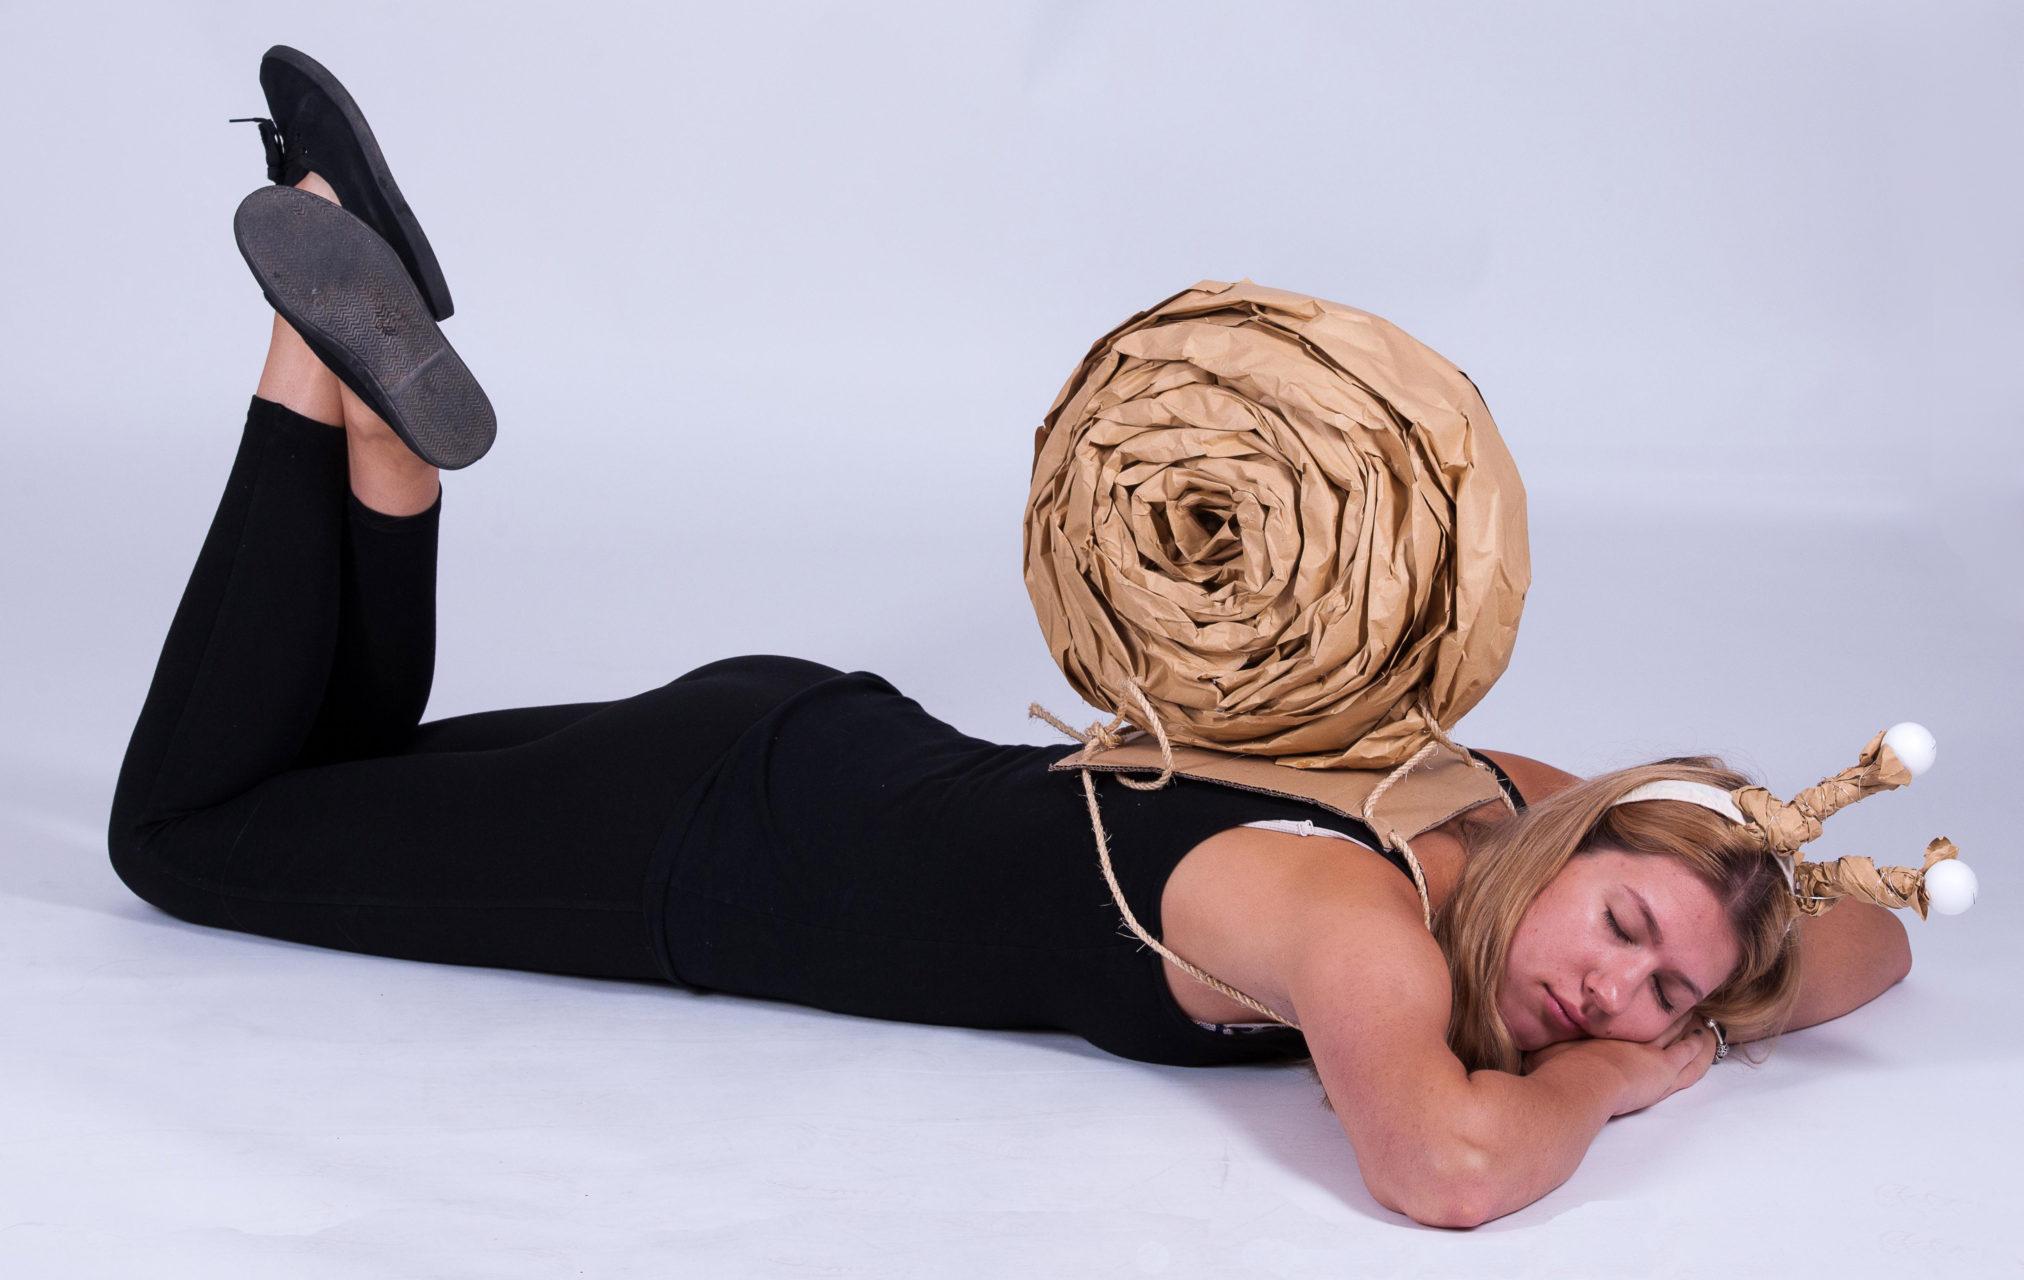 Kristin als Schnecke